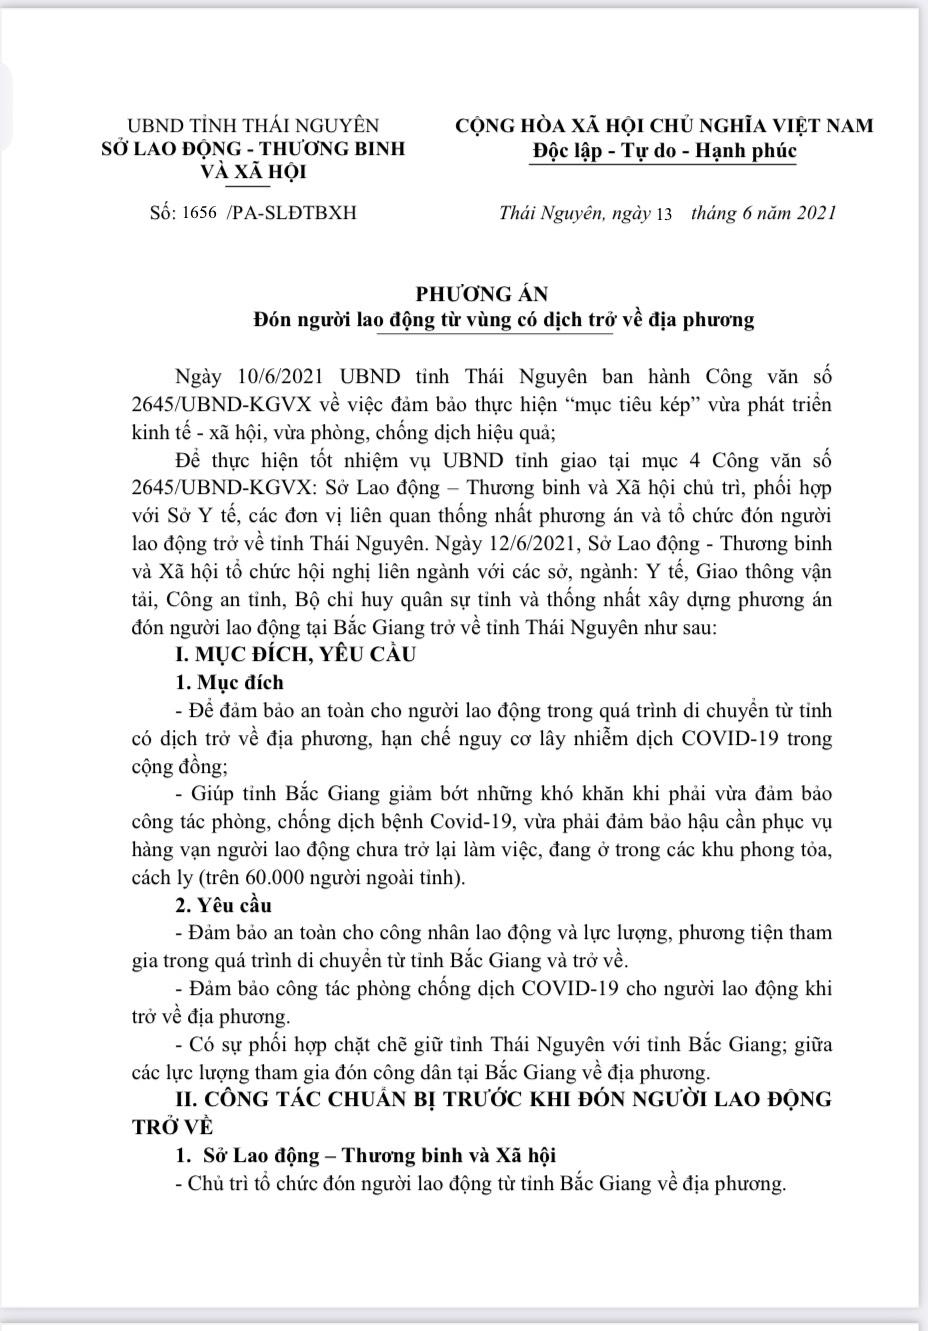 15-16/6 : Thái Nguyên sẽ đón gần 3000 công nhân từ Bắc Giang